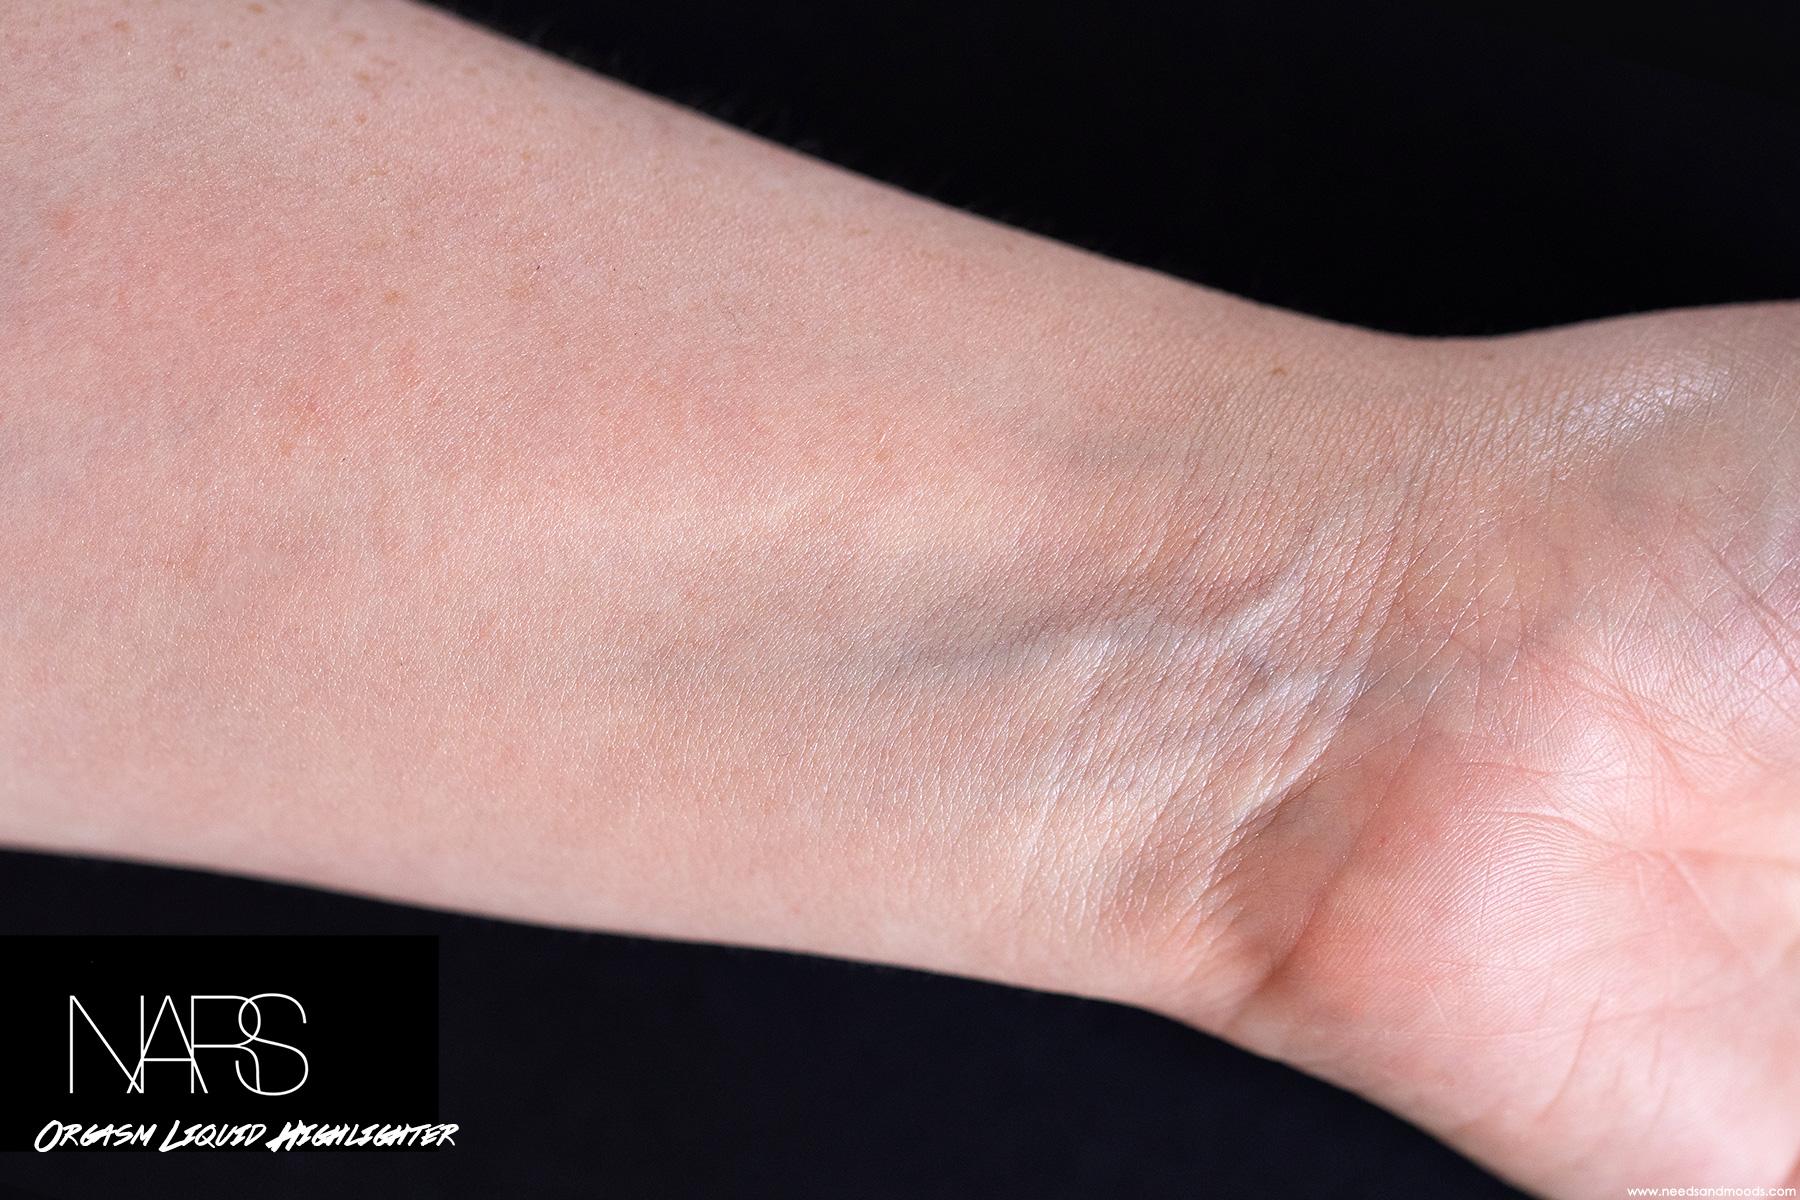 nars-orgasm-liquid-highlighter-swatch-3